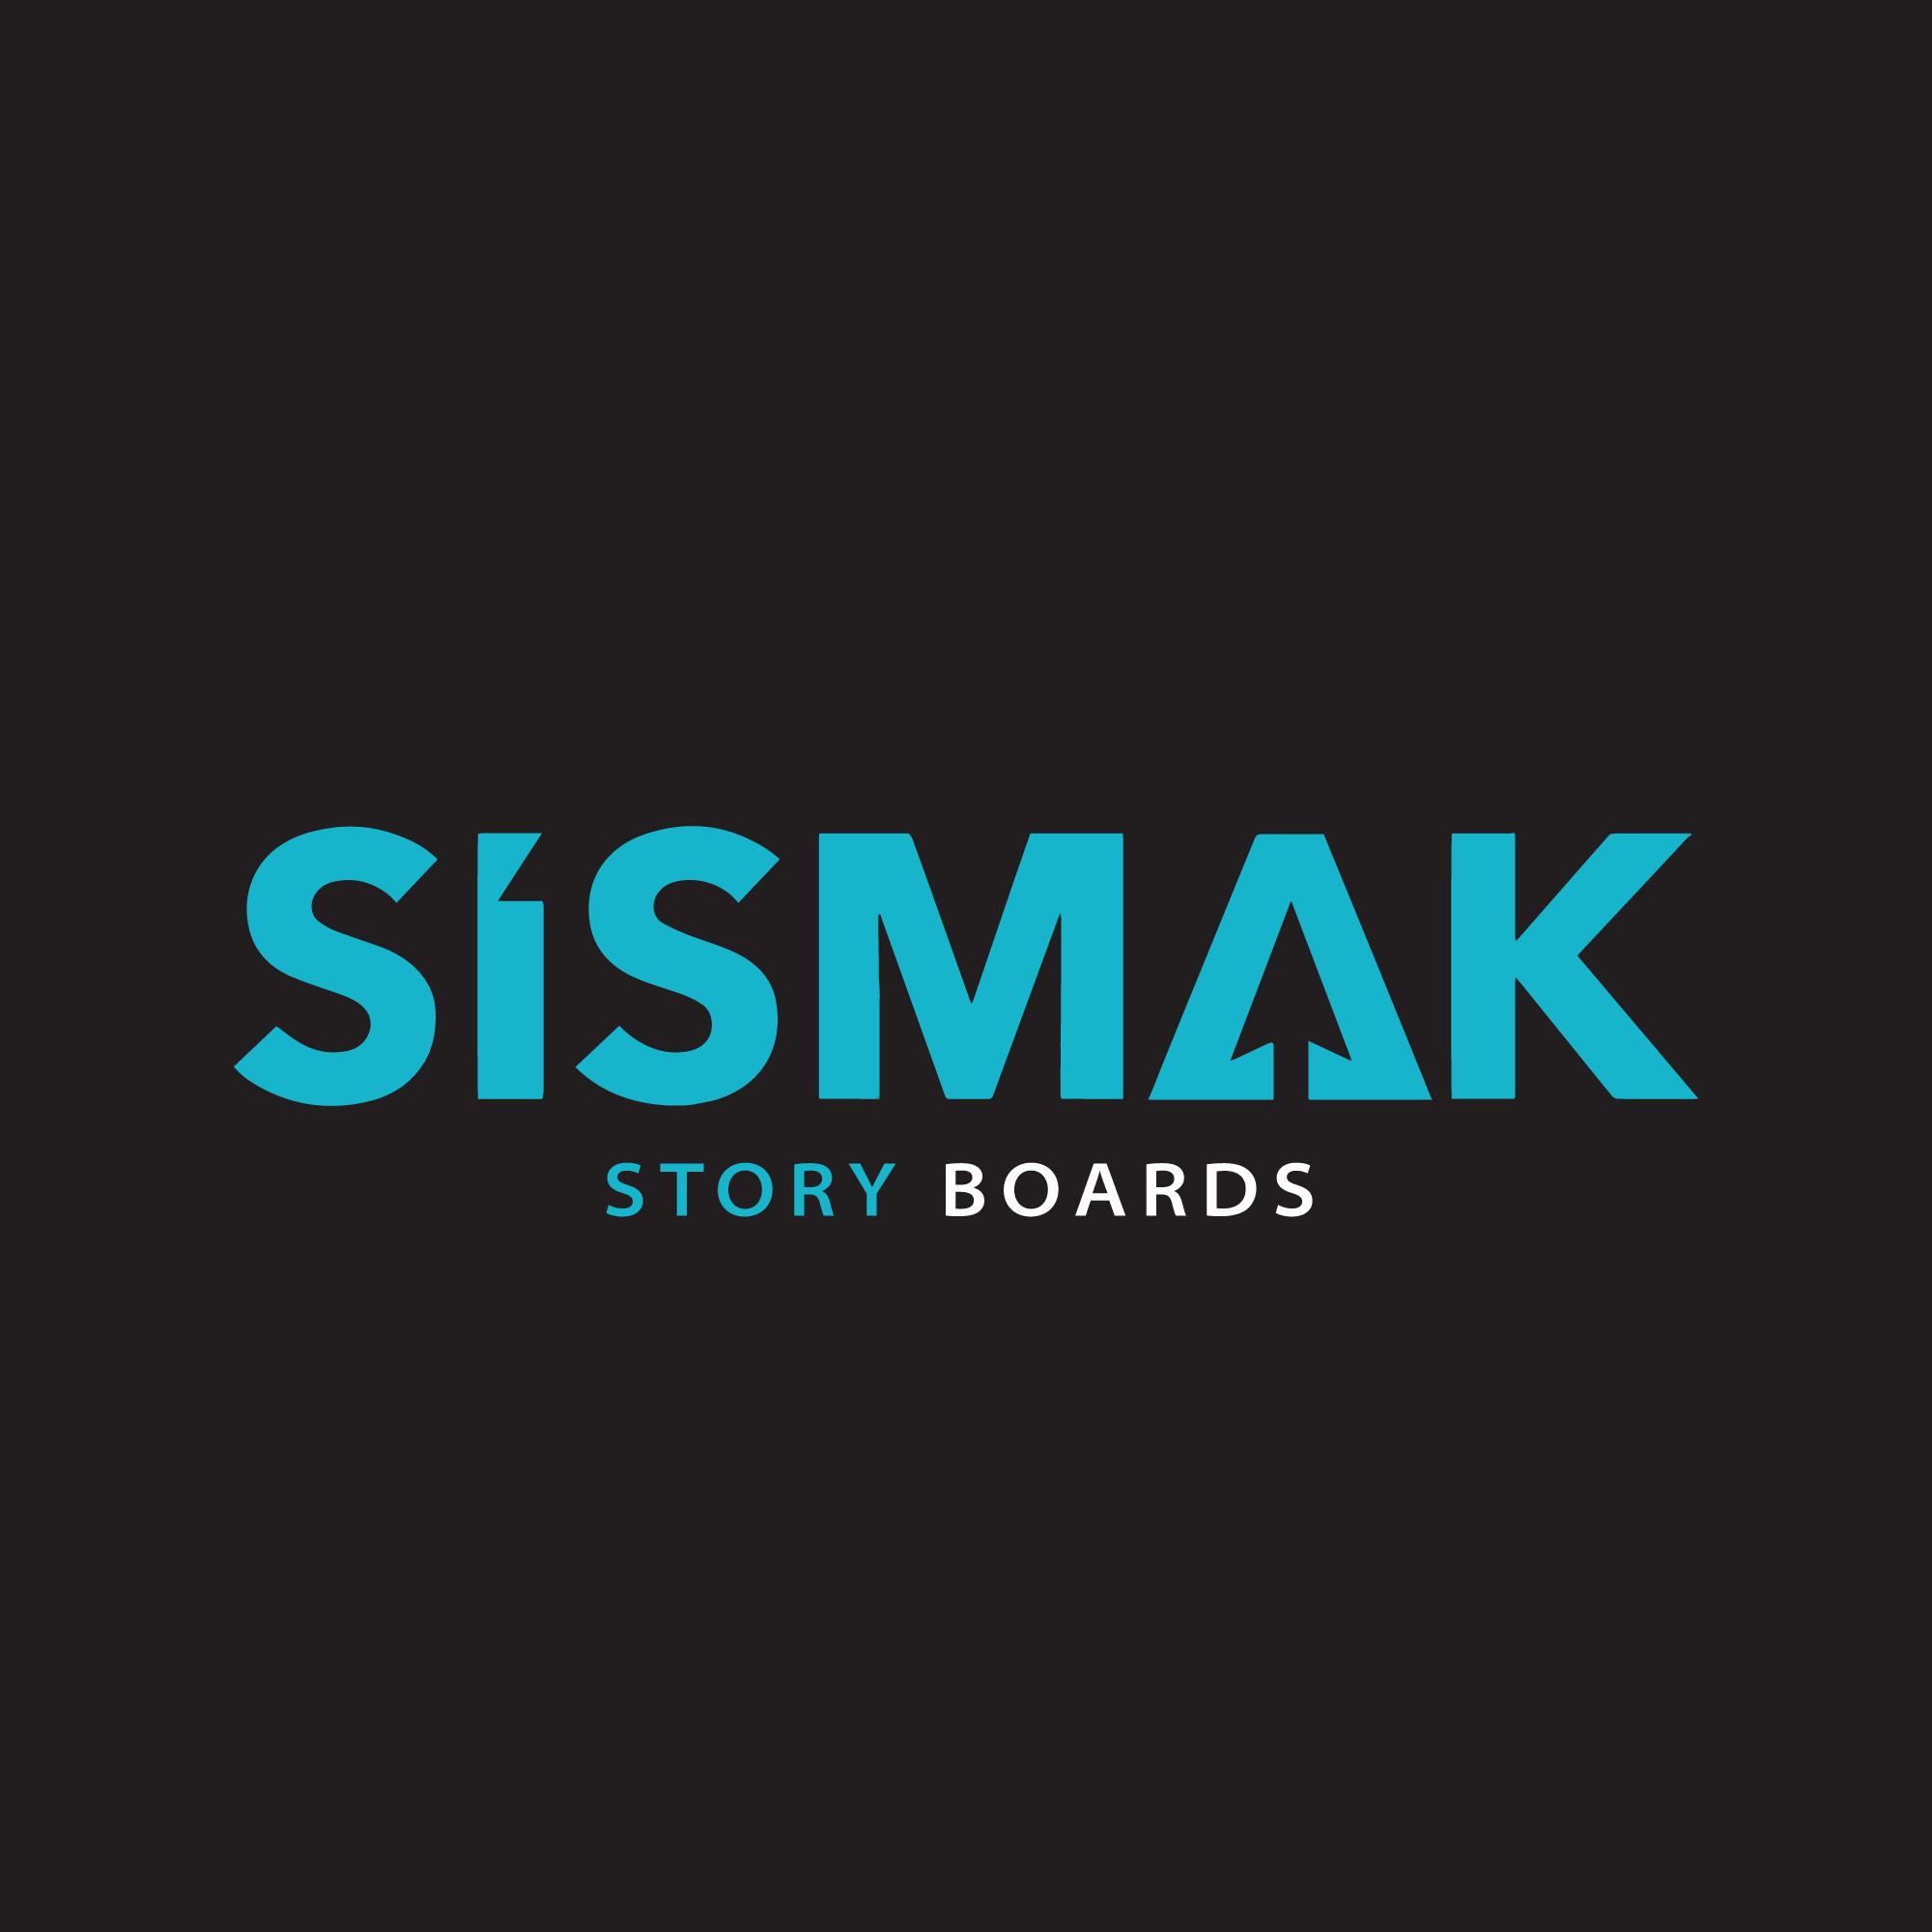 sismak-story-boards